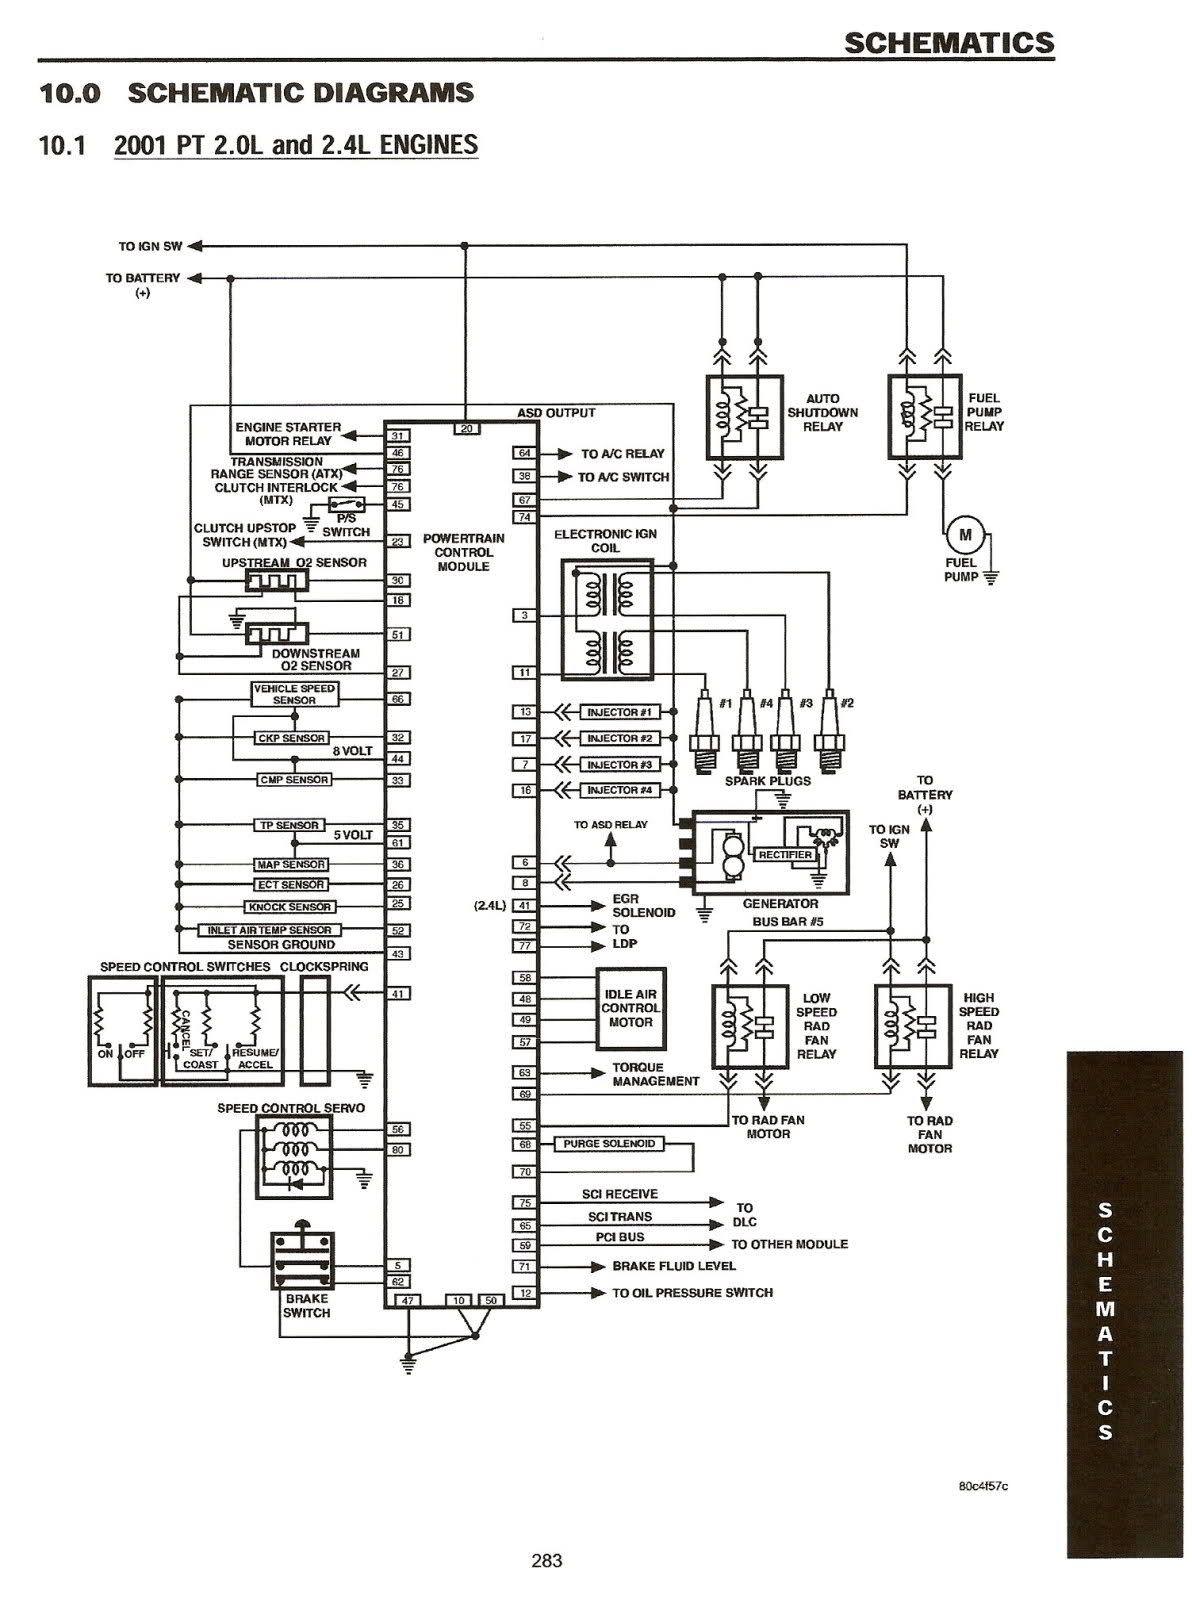 2012 Subaru Impreza Wire Schematic 2001 Pt Cruiser Wiring Diagram Free Wiring Diagram